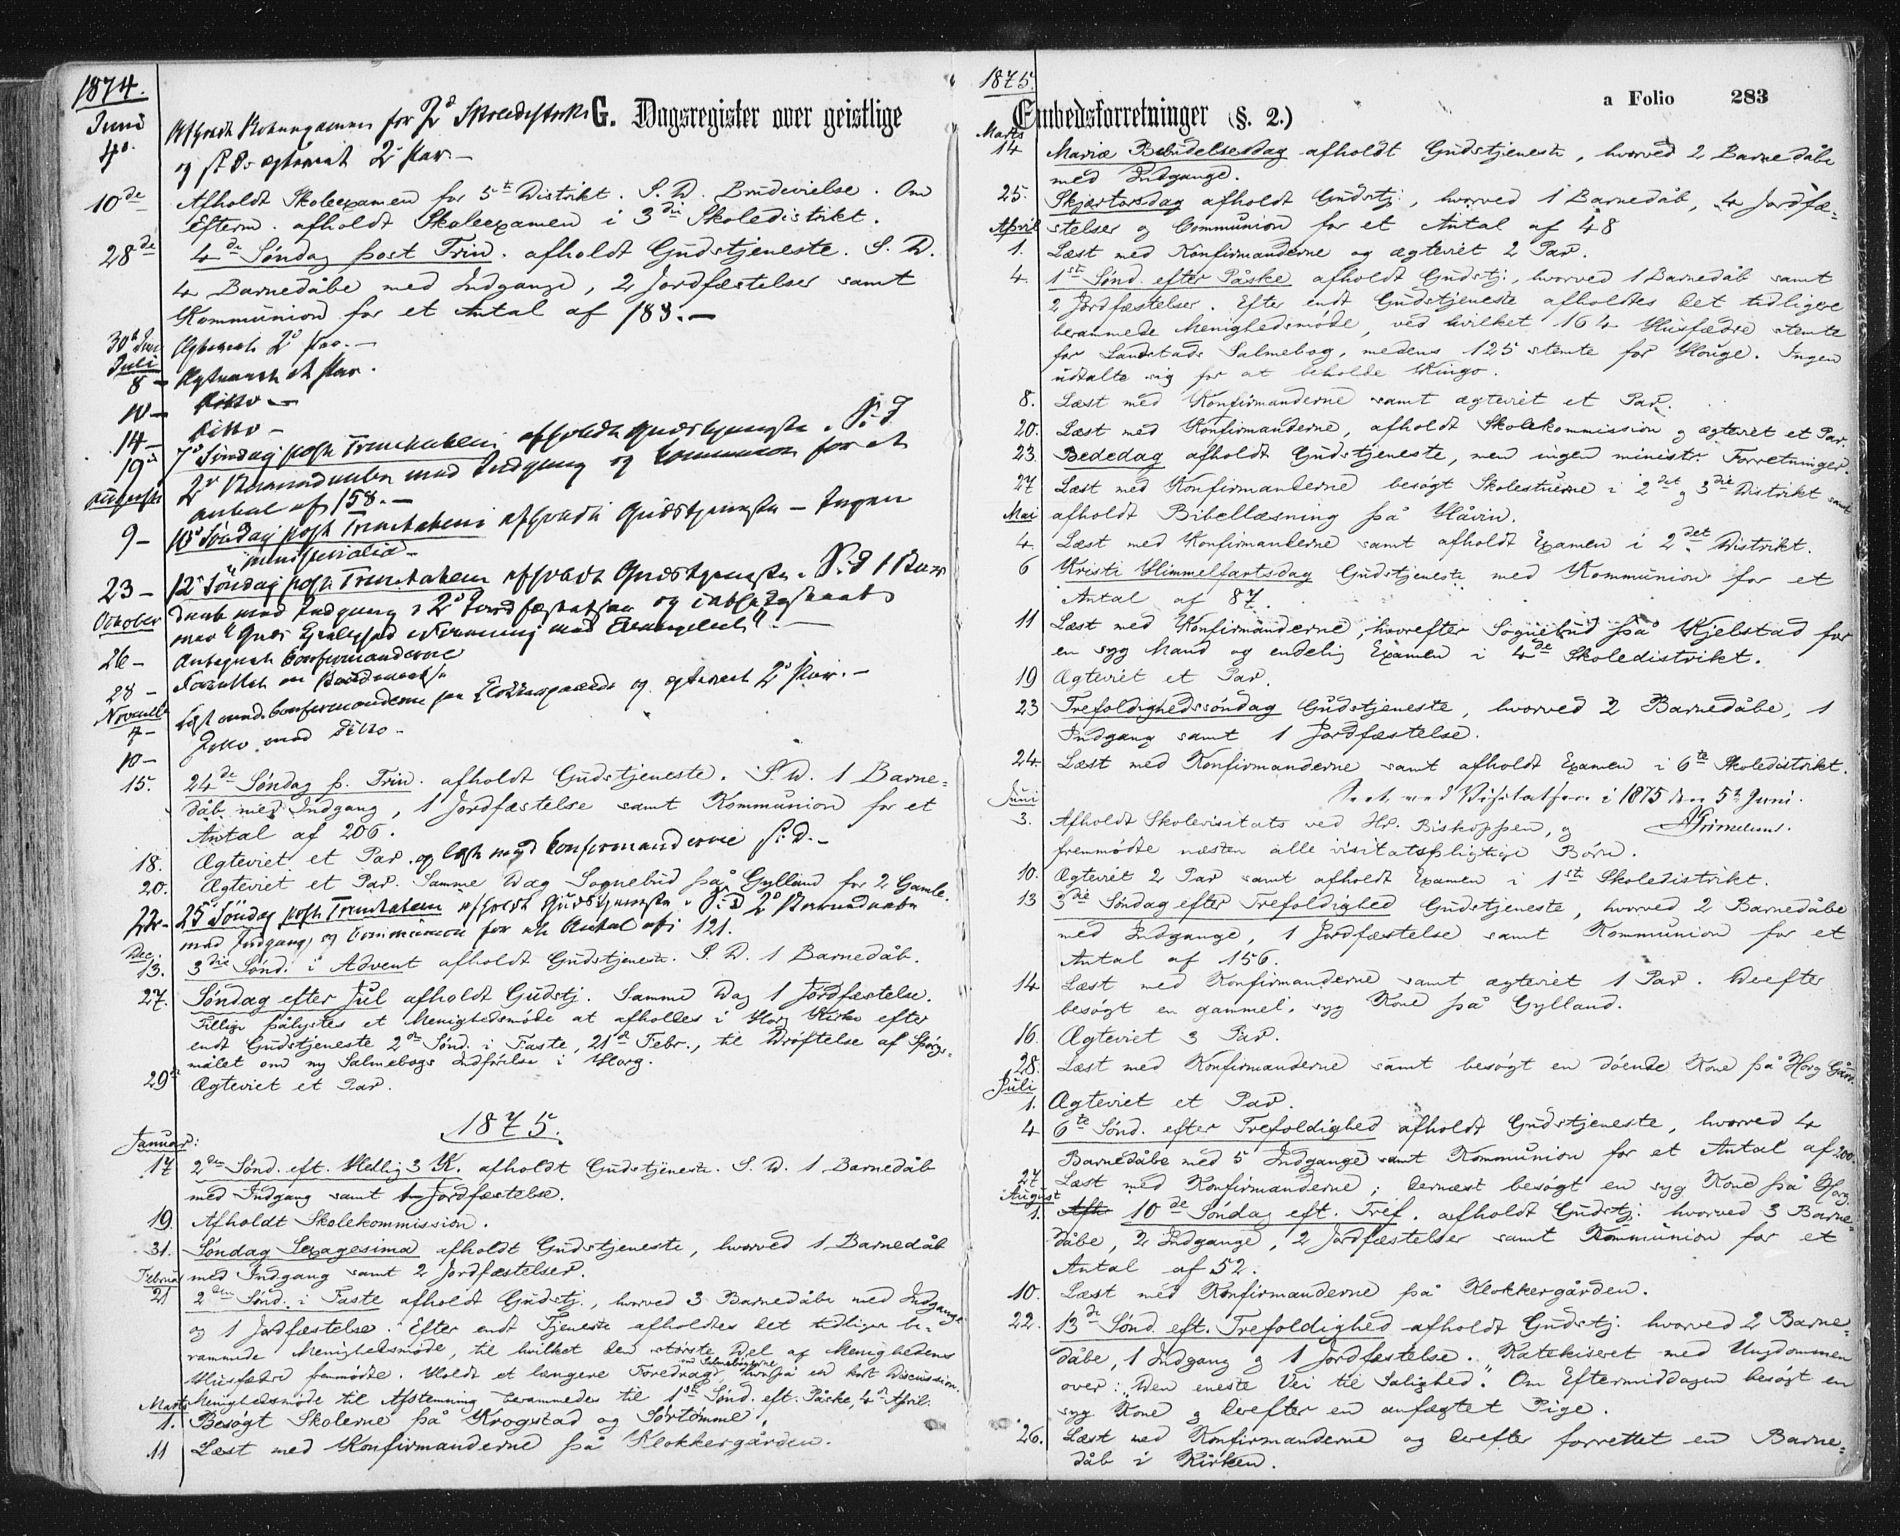 SAT, Ministerialprotokoller, klokkerbøker og fødselsregistre - Sør-Trøndelag, 692/L1104: Ministerialbok nr. 692A04, 1862-1878, s. 283